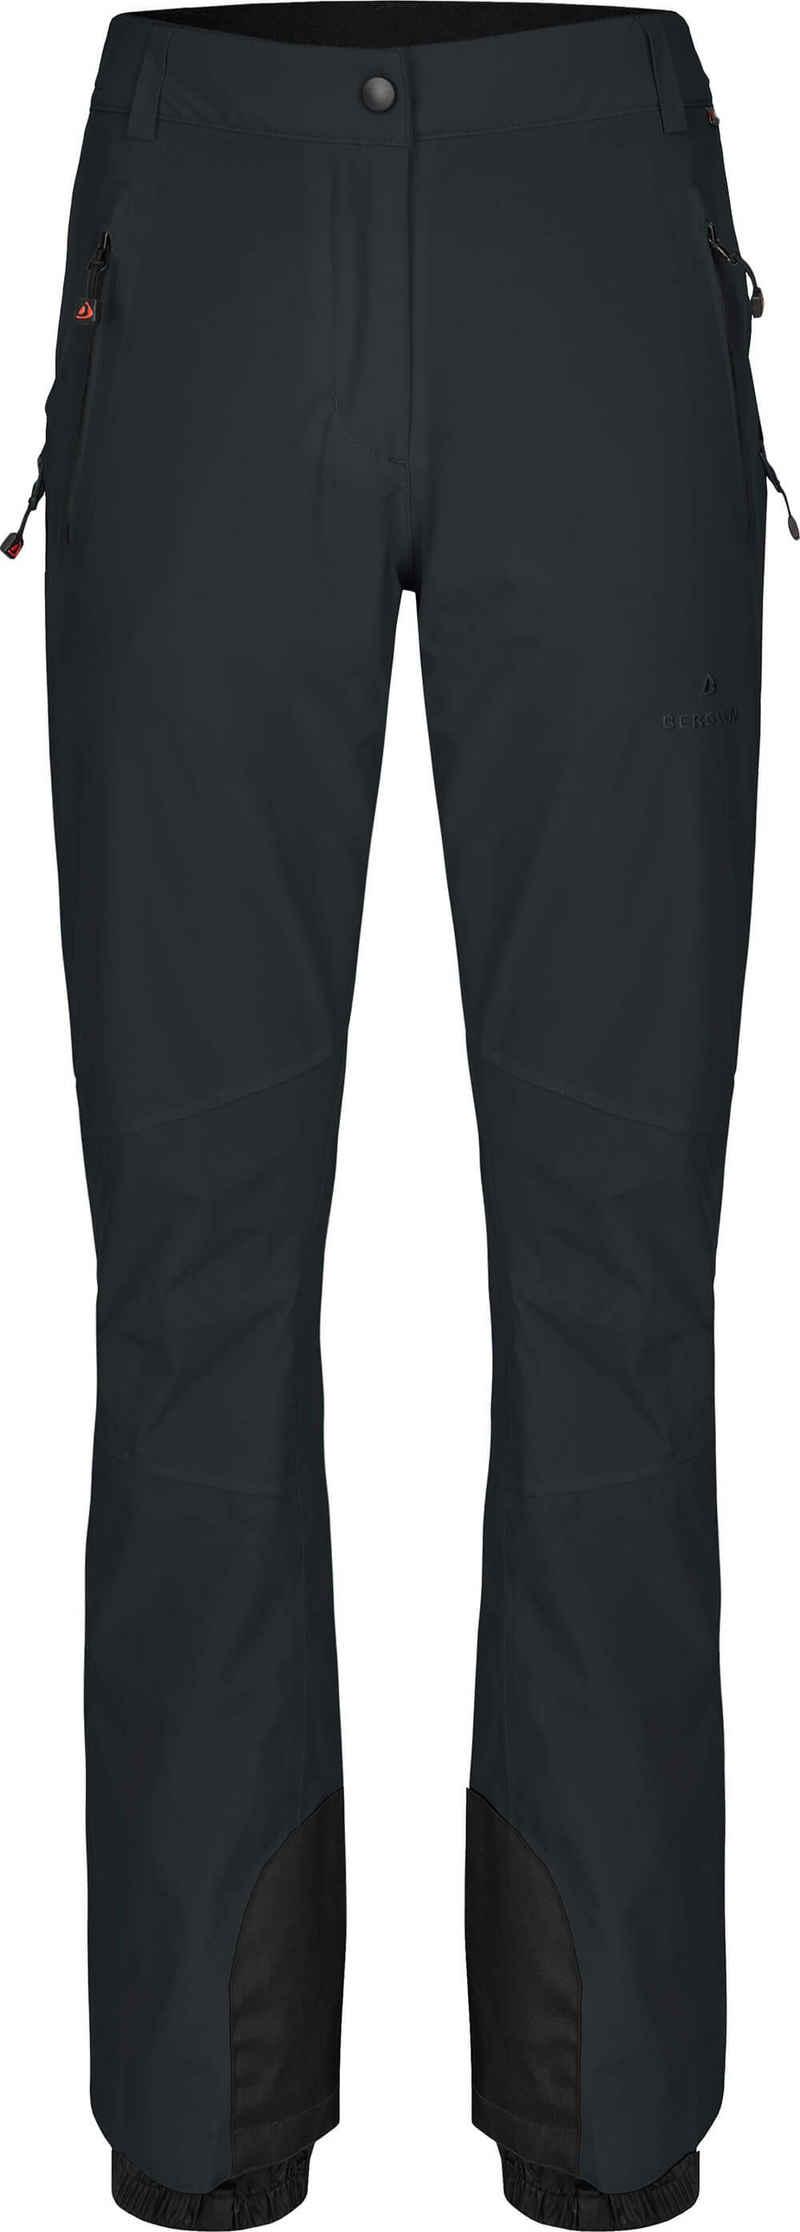 Bergson Skihose »ICE Slim« Damen Skihose, wattiert, 20000 mm Wasserssäule, Normalgrößen, dunkel grau